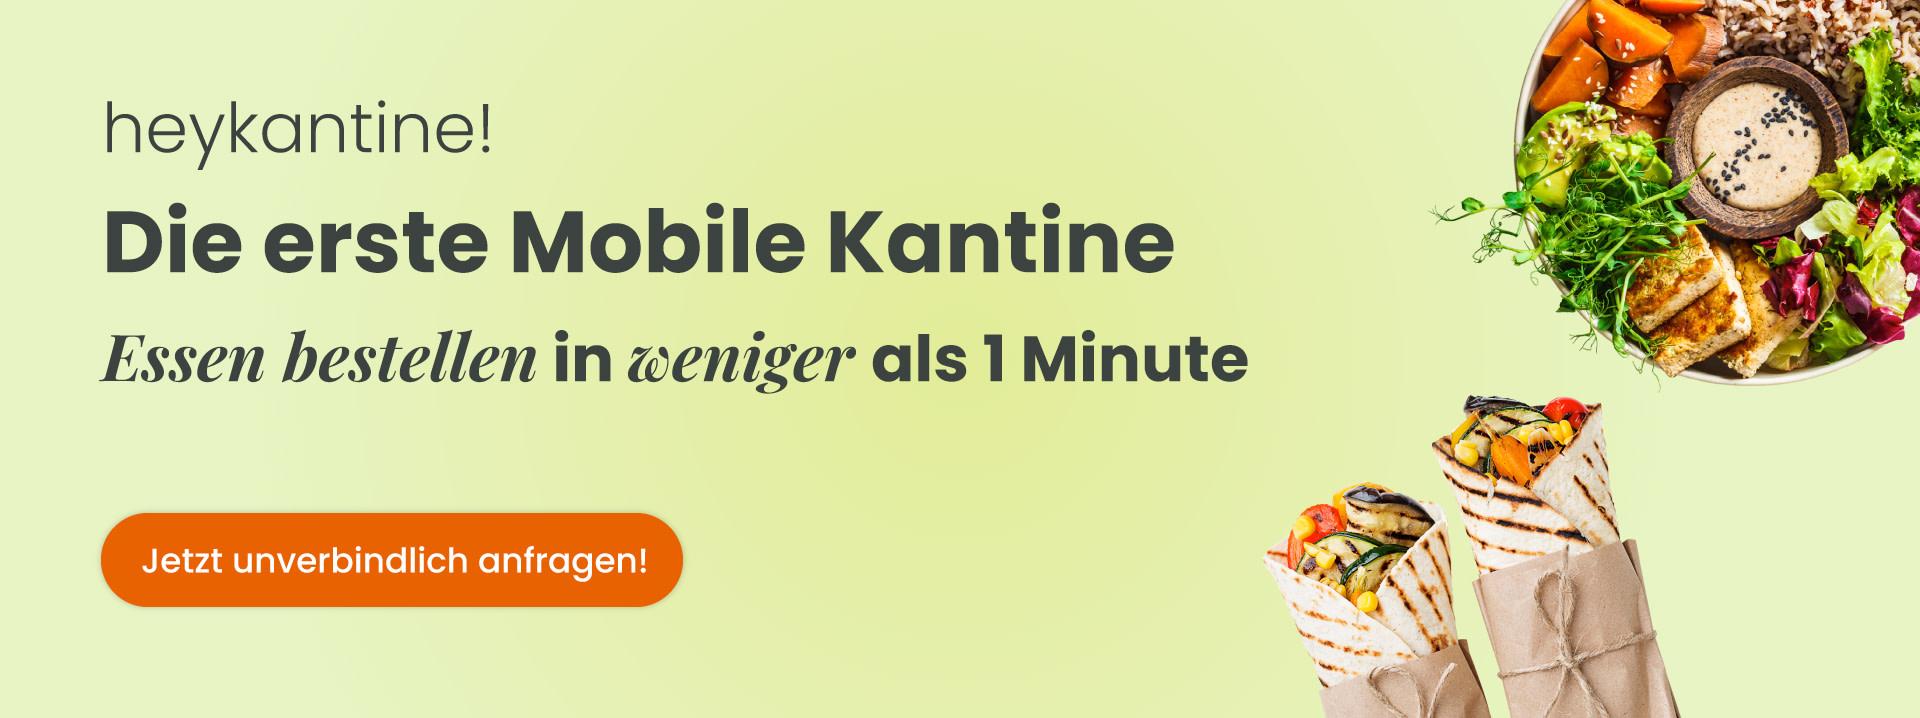 heykantine - Essen bestellen in weniger als 1 Minute